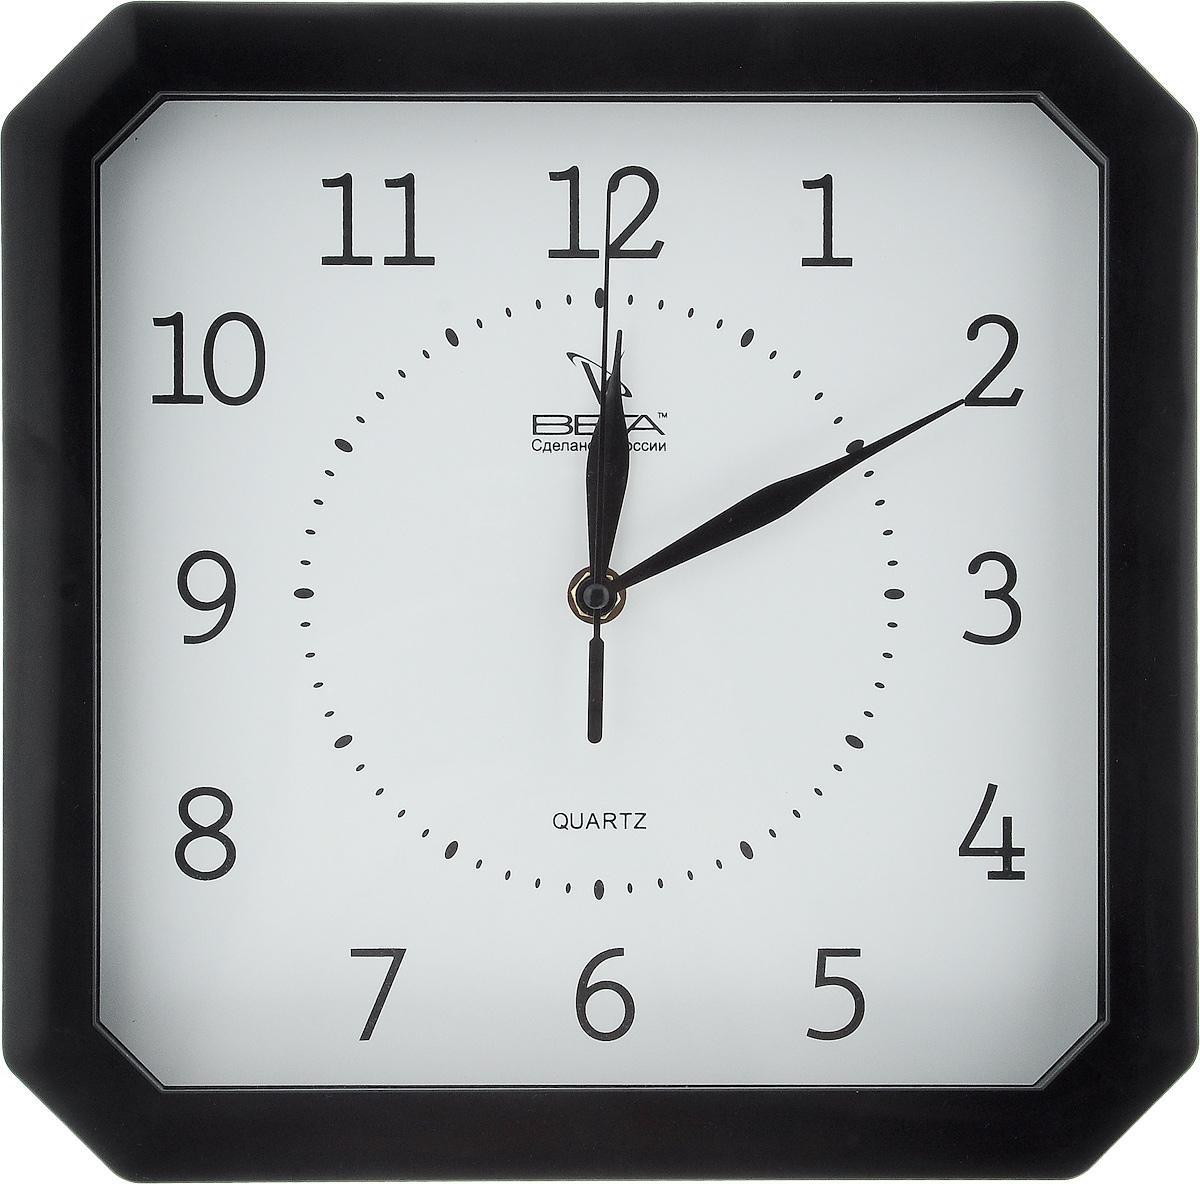 Часы настенные Вега Классика, 27,8 х 27,8 смП4-6/6-19Настенные кварцевые часы Вега Классика,изготовленные из пластика, прекрасно впишутся винтерьер вашего дома. Часы имеют три стрелки: часовую,минутную и секундную, циферблат защищен прозрачнымстеклом.Часы работают от 1 батарейки типа АА напряжением 1,5 В(не входит в комплект). Прилагается инструкция по эксплуатации.